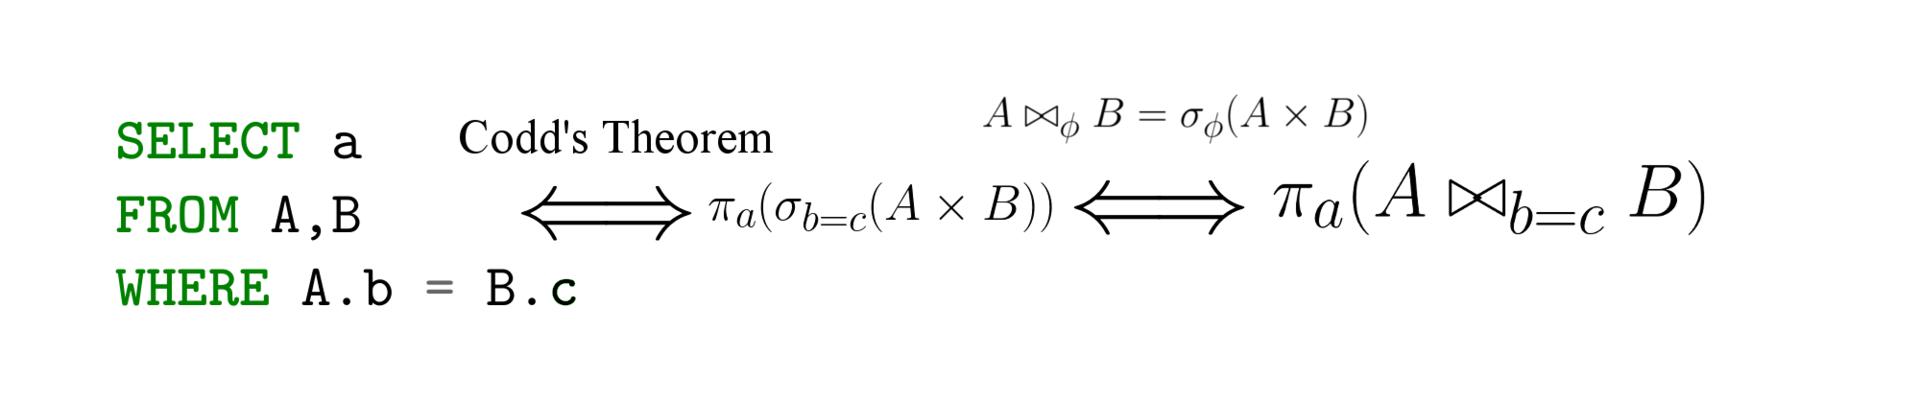 Заметки о SQL и реляционной алгебре - 1